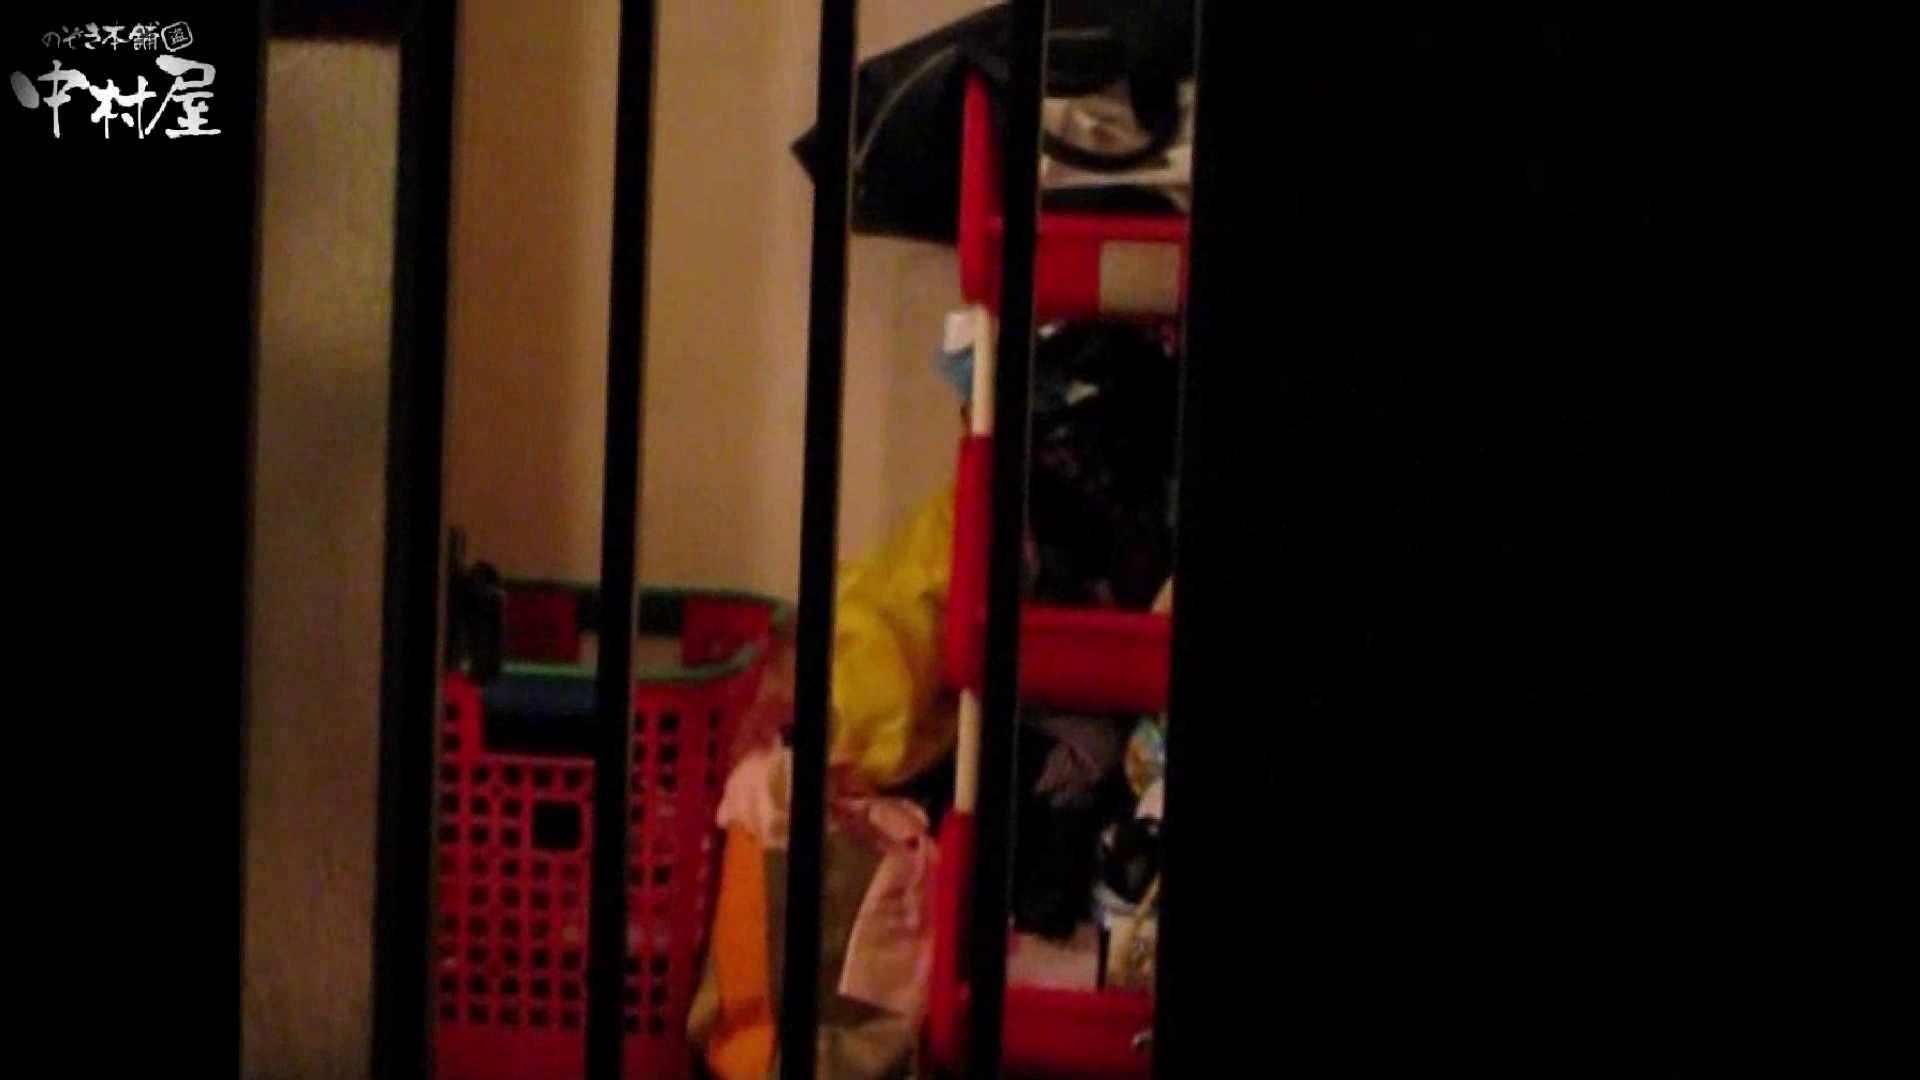 民家風呂専門盗撮師の超危険映像 vol.003 民家エロ投稿 SEX無修正画像 77画像 34